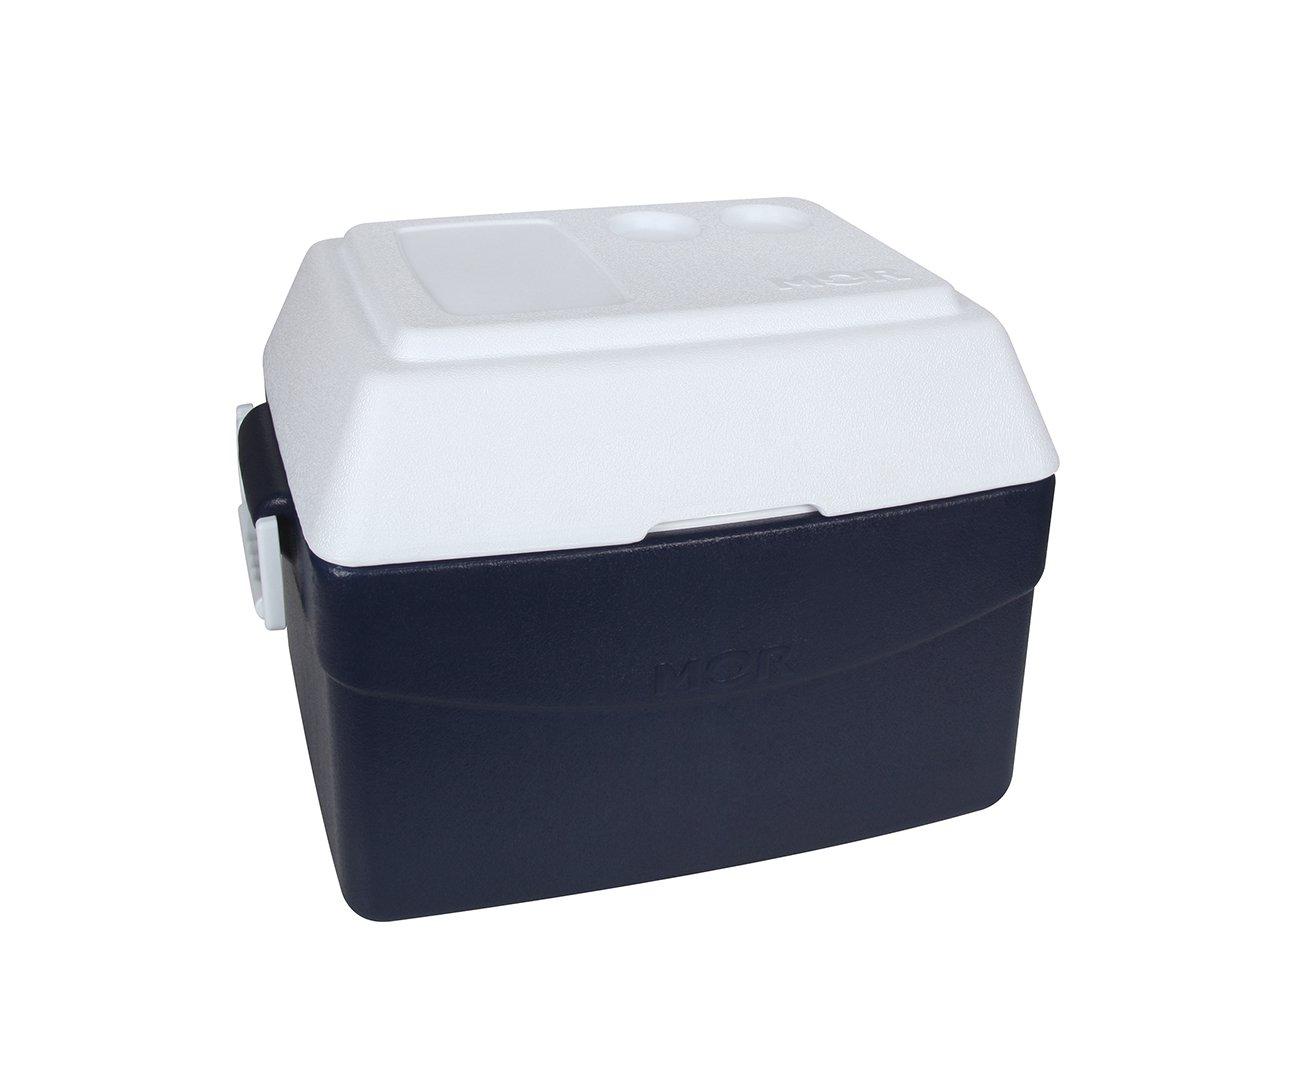 Caixa Térmica Glacial 55 Litros Azul Ref. 25108141 - Mor